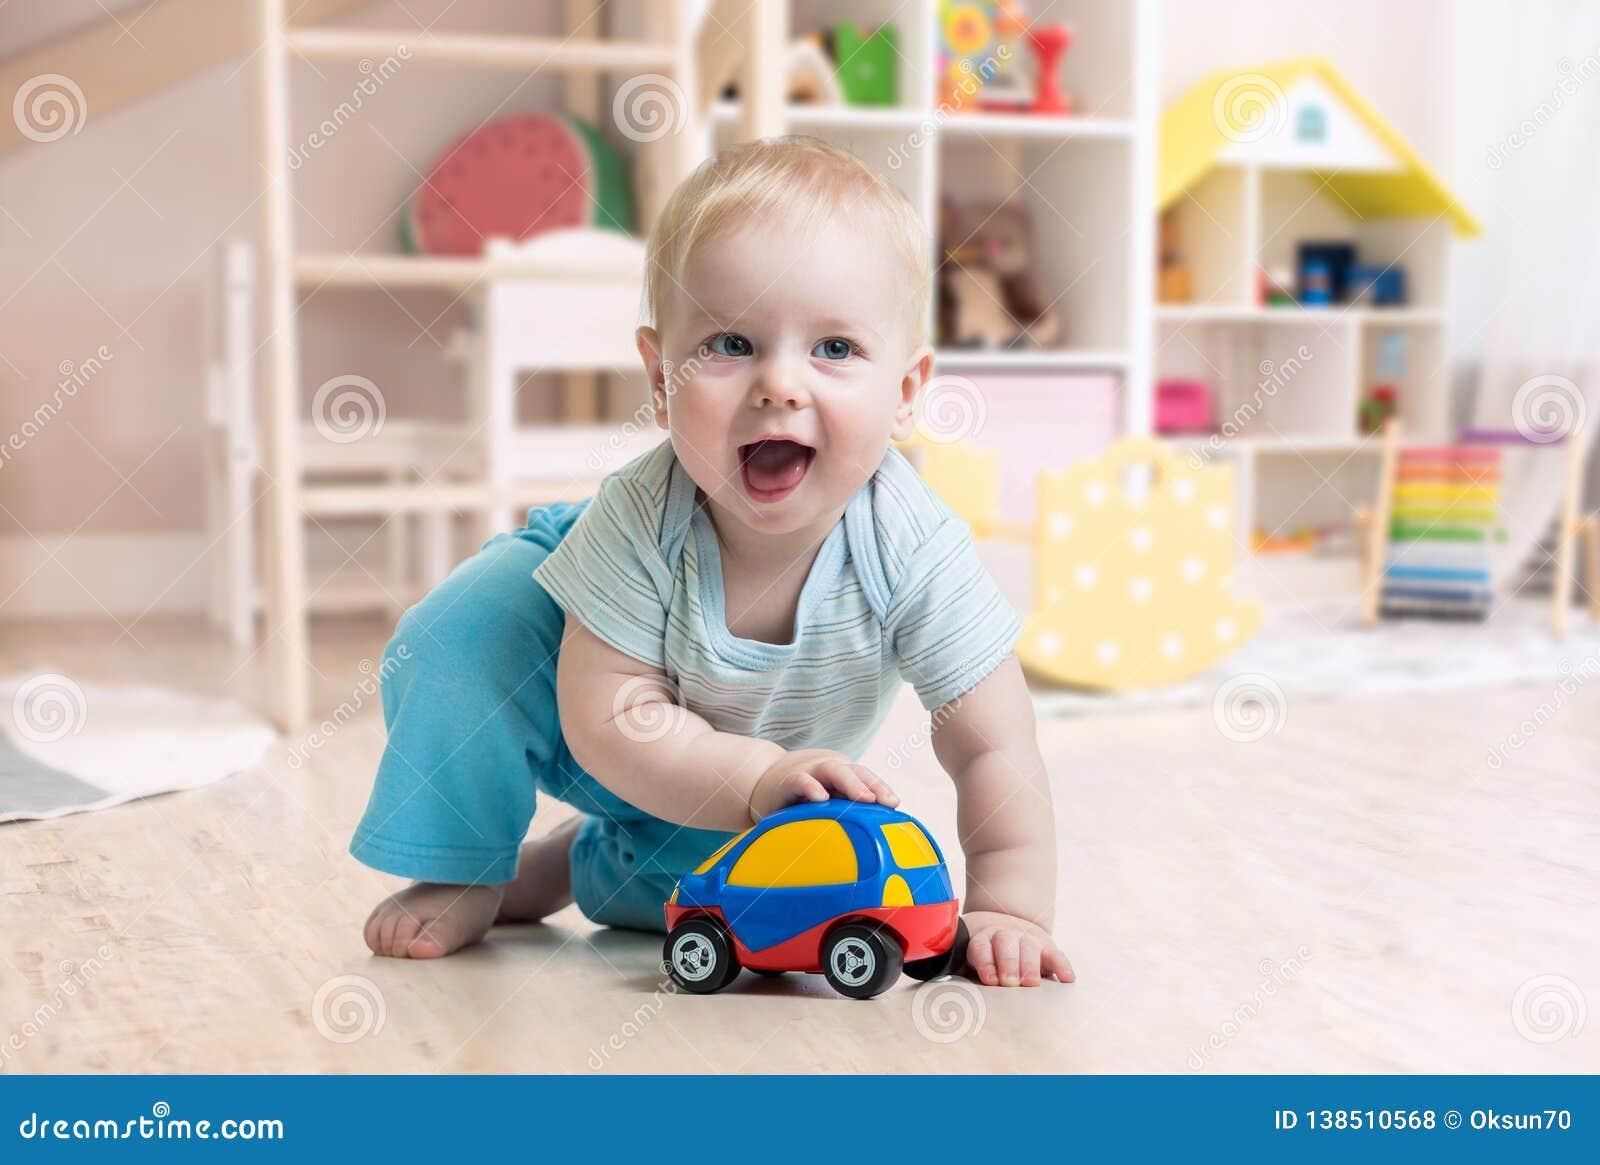 Śmieszna chłopiec bawić się zabawkę w pepinierze